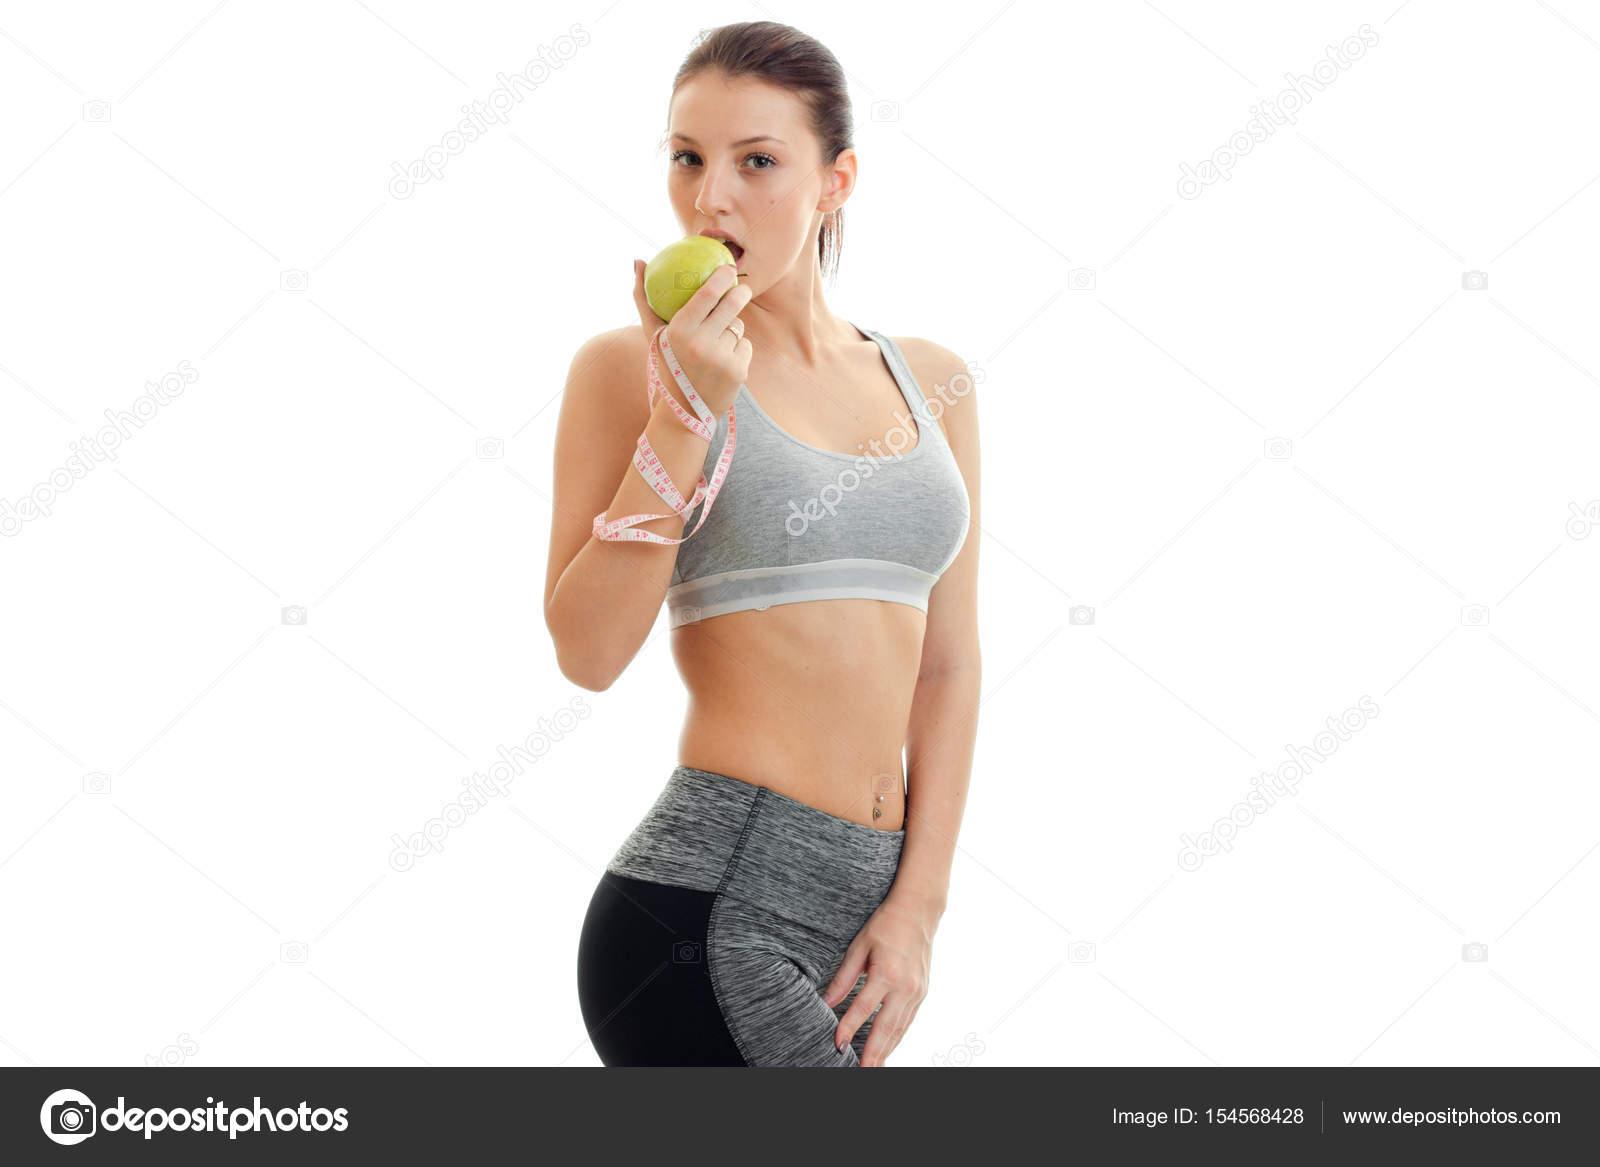 Fitness joven linda chica gris está parado lateralmente y come manzana verde  aislado sobre fondo blanco — Foto de ponomarencko c1cb0550adcd